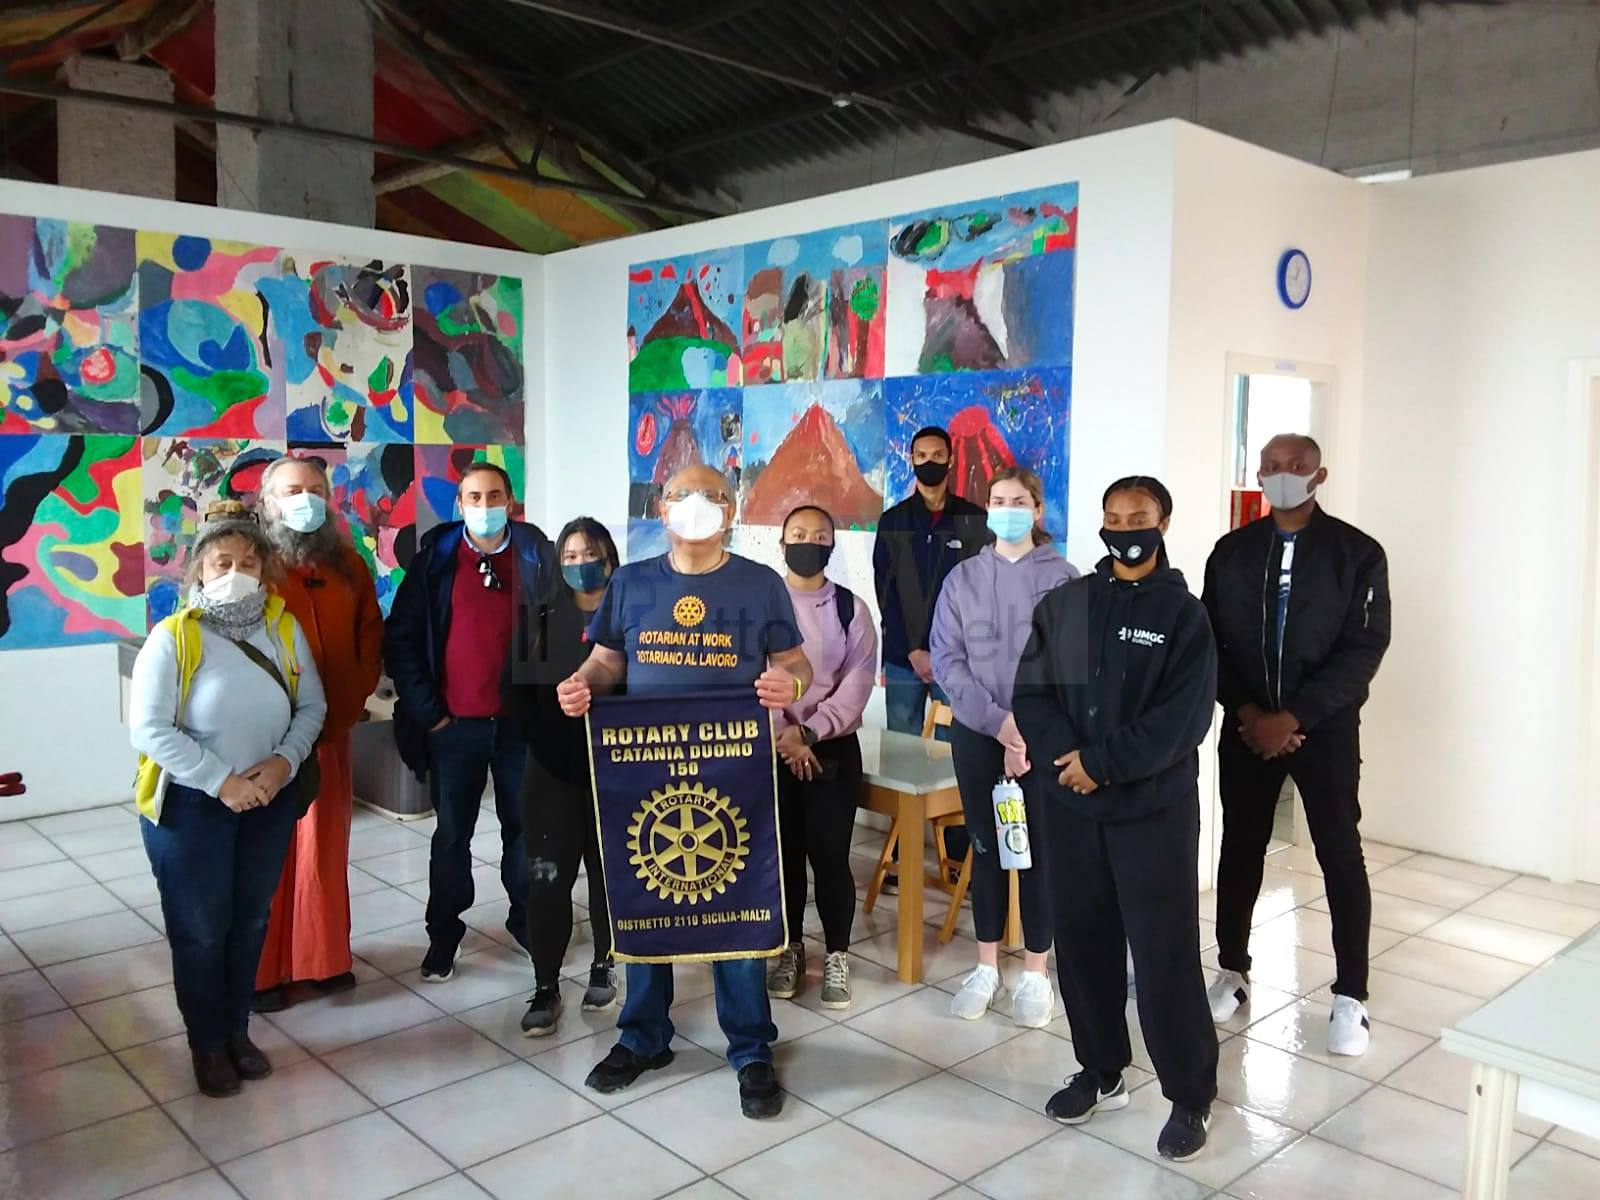 Il Rotary Club Catania Duomo 150 e militari americani della NAS Sigonella a supporto del quartiere Angeli Custodi di Catania